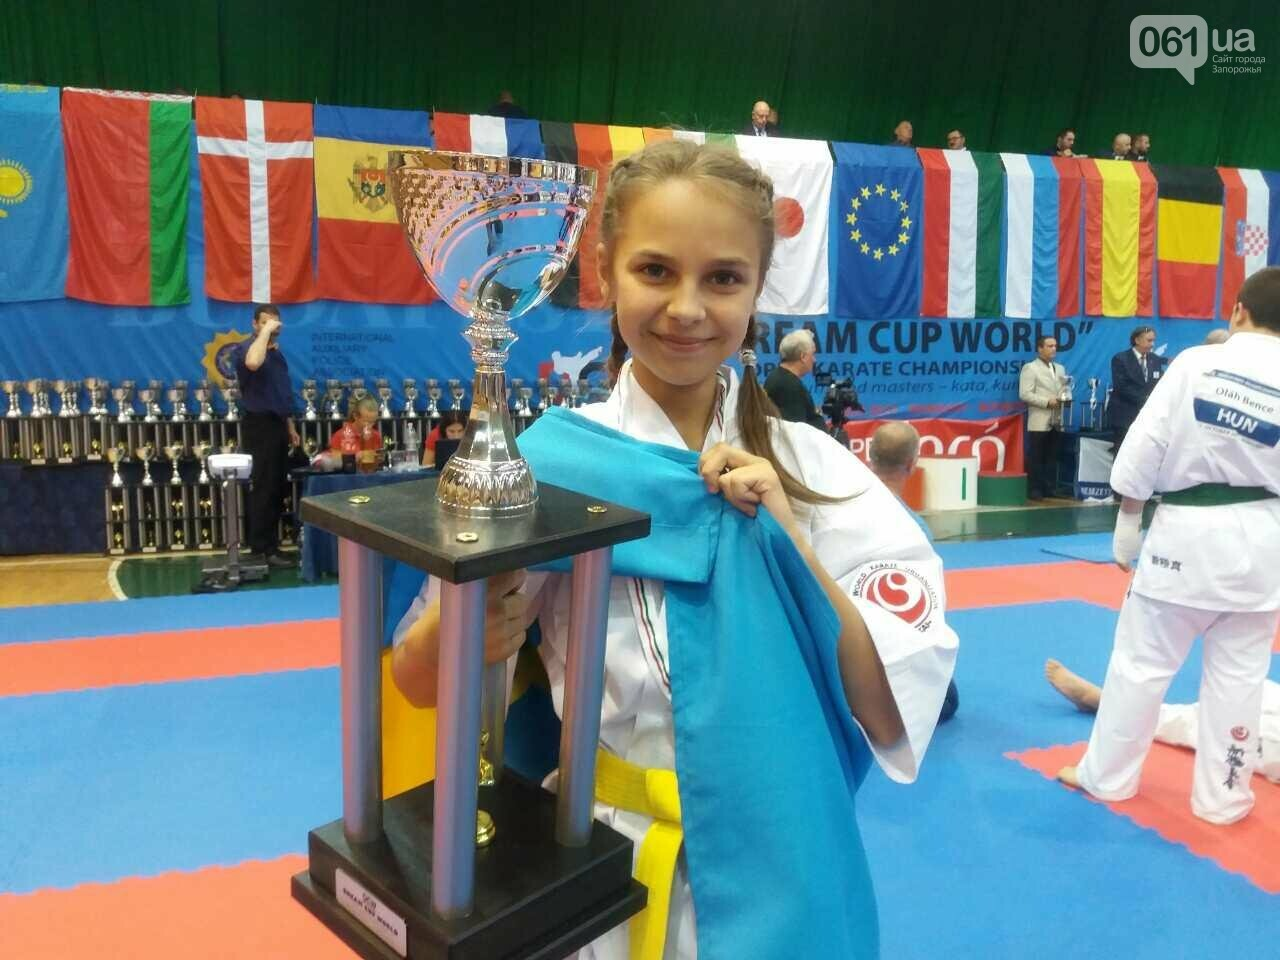 11-летняя запорожанка завоевала кубок мира по карате, - ФОТО , фото-1